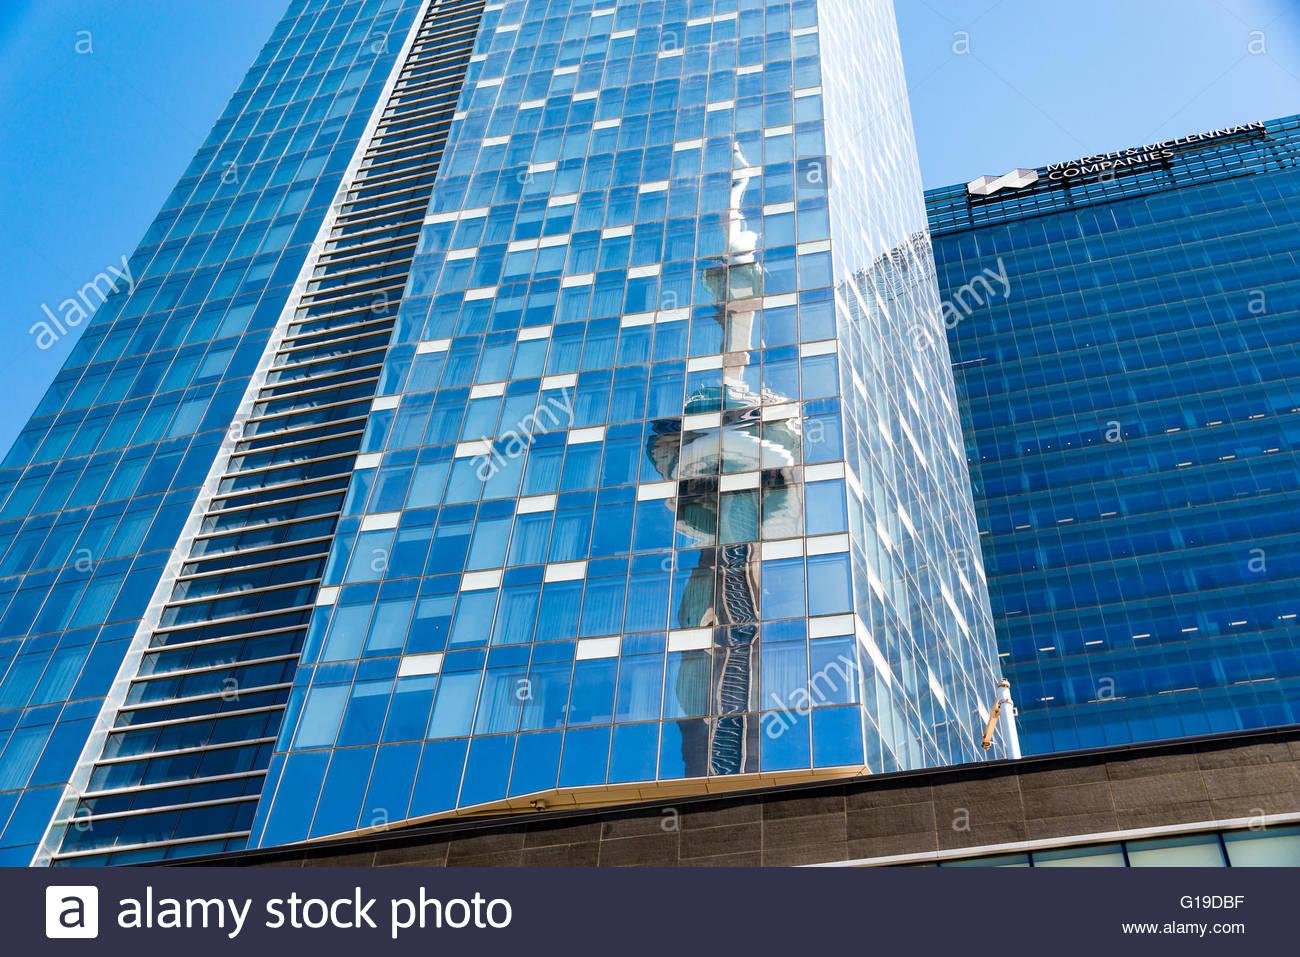 Reflexion des CN Tower auf Glasfenster des hohen Wolkenkratzer. Der Turm ist ein Symbol der kanadischen Geschichte Stockbild